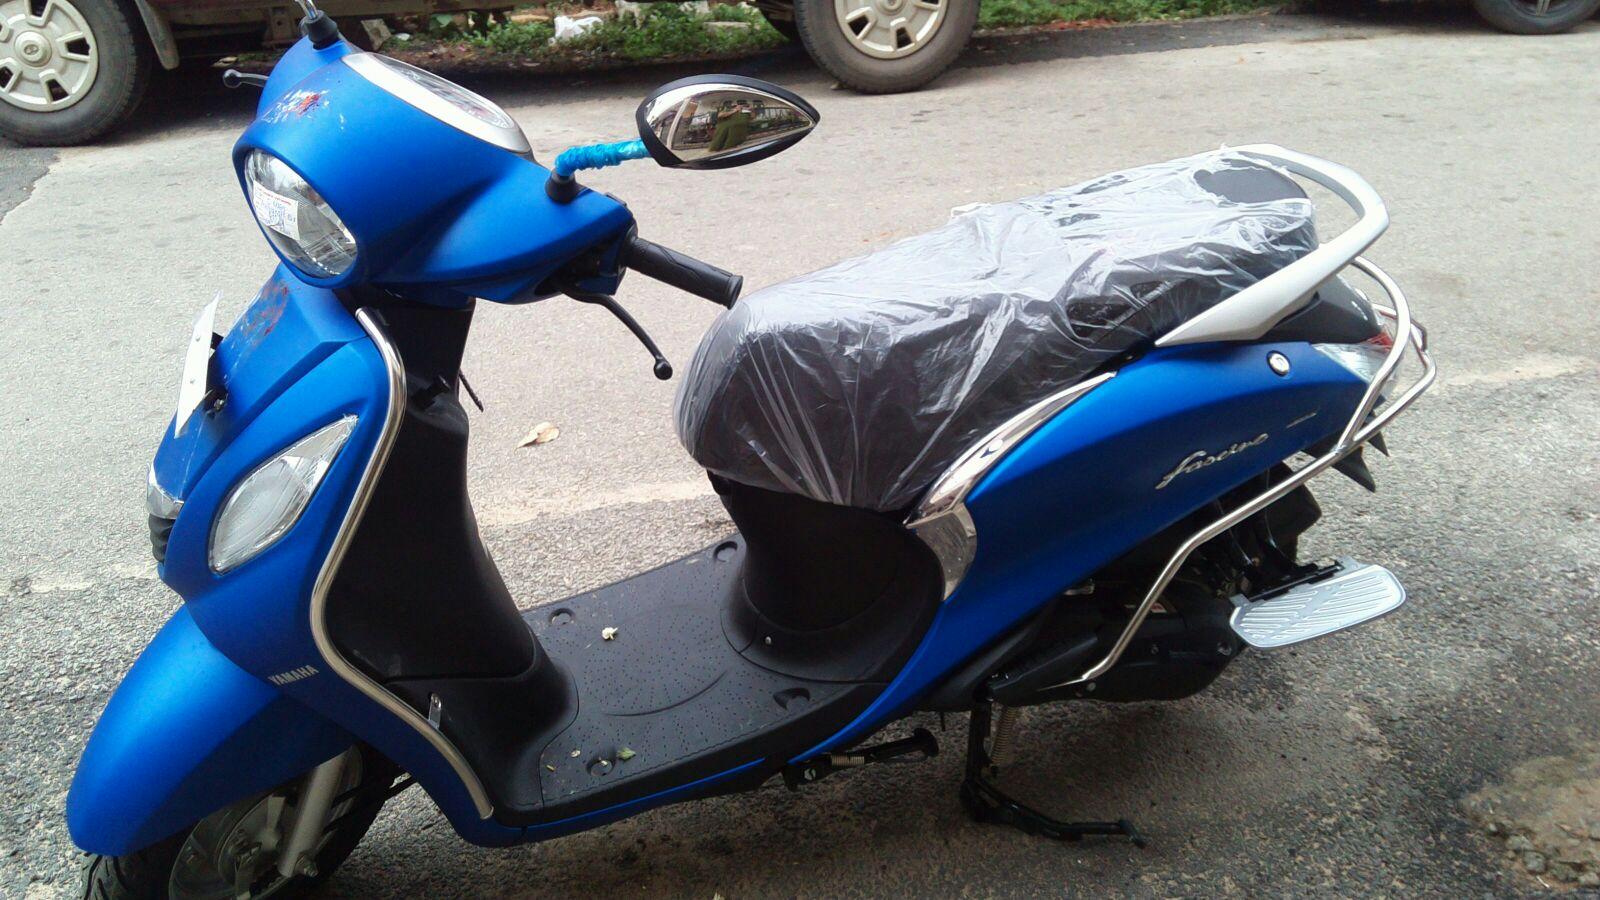 Yamaha Qx